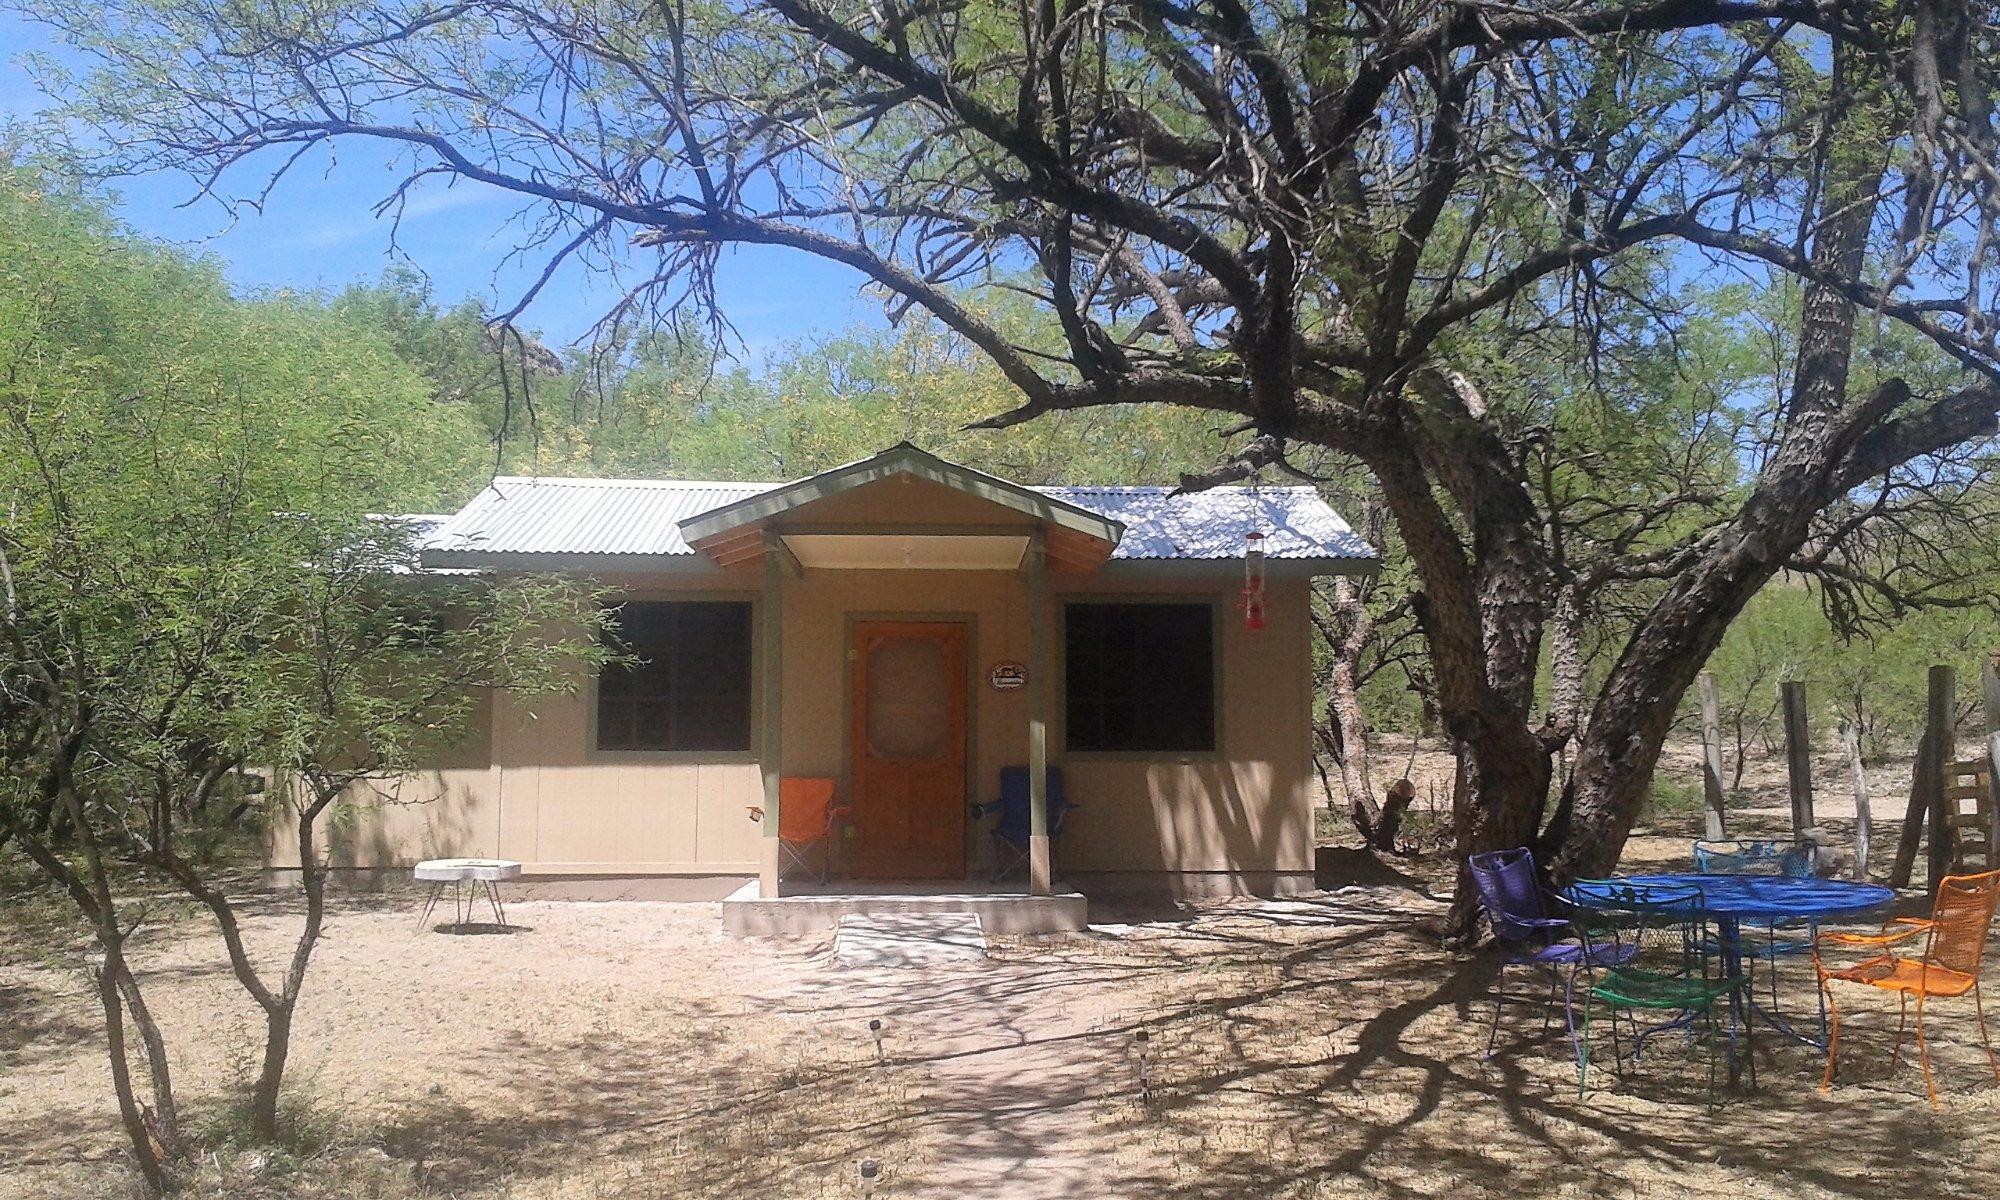 Tierra Chamahua EcoAdventures at Rancho Los Banos